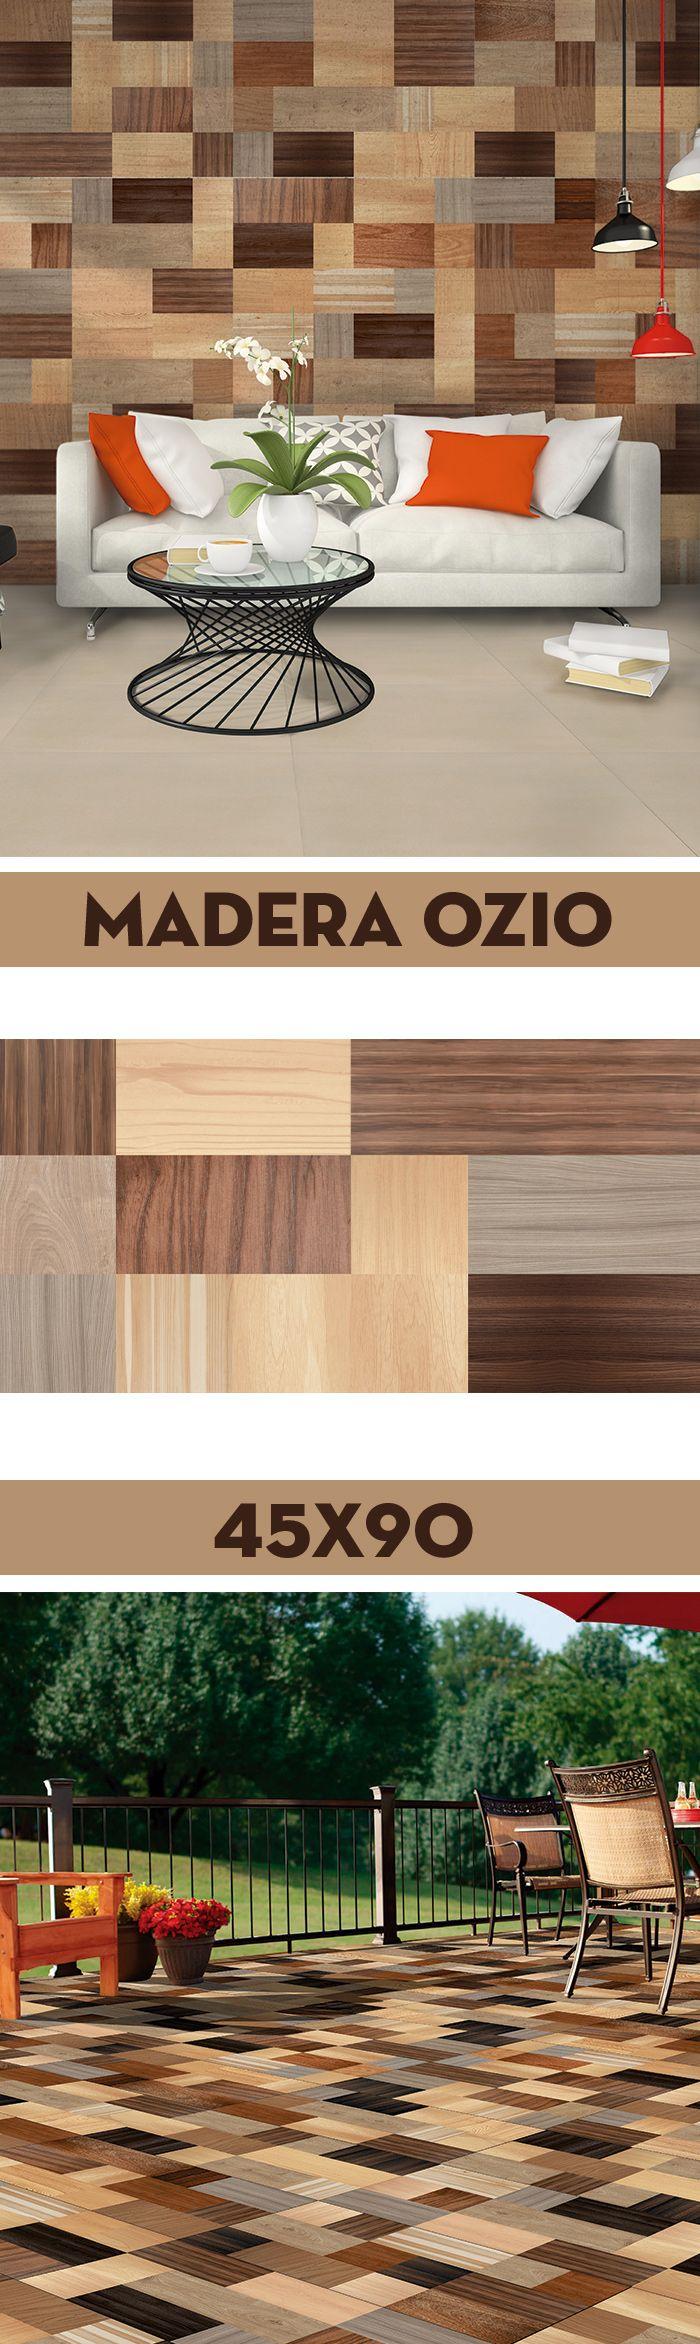 Descubre la mejor imitación de madera en cerámica Italia; Diseño y calidad inspirados en la tendencia vanguardista, productos que pueden ser utilizados con total tranquilidad en espacios interiores para lograr la decoración del hogar que tanto deseas con la mejor garantía que te ofrecemos. #Piso #cerámicaMadera #CerámicaMaderaPiso #CeramicFloorofWood #Floorceramic #DiseñodeInteriores #DesingHome